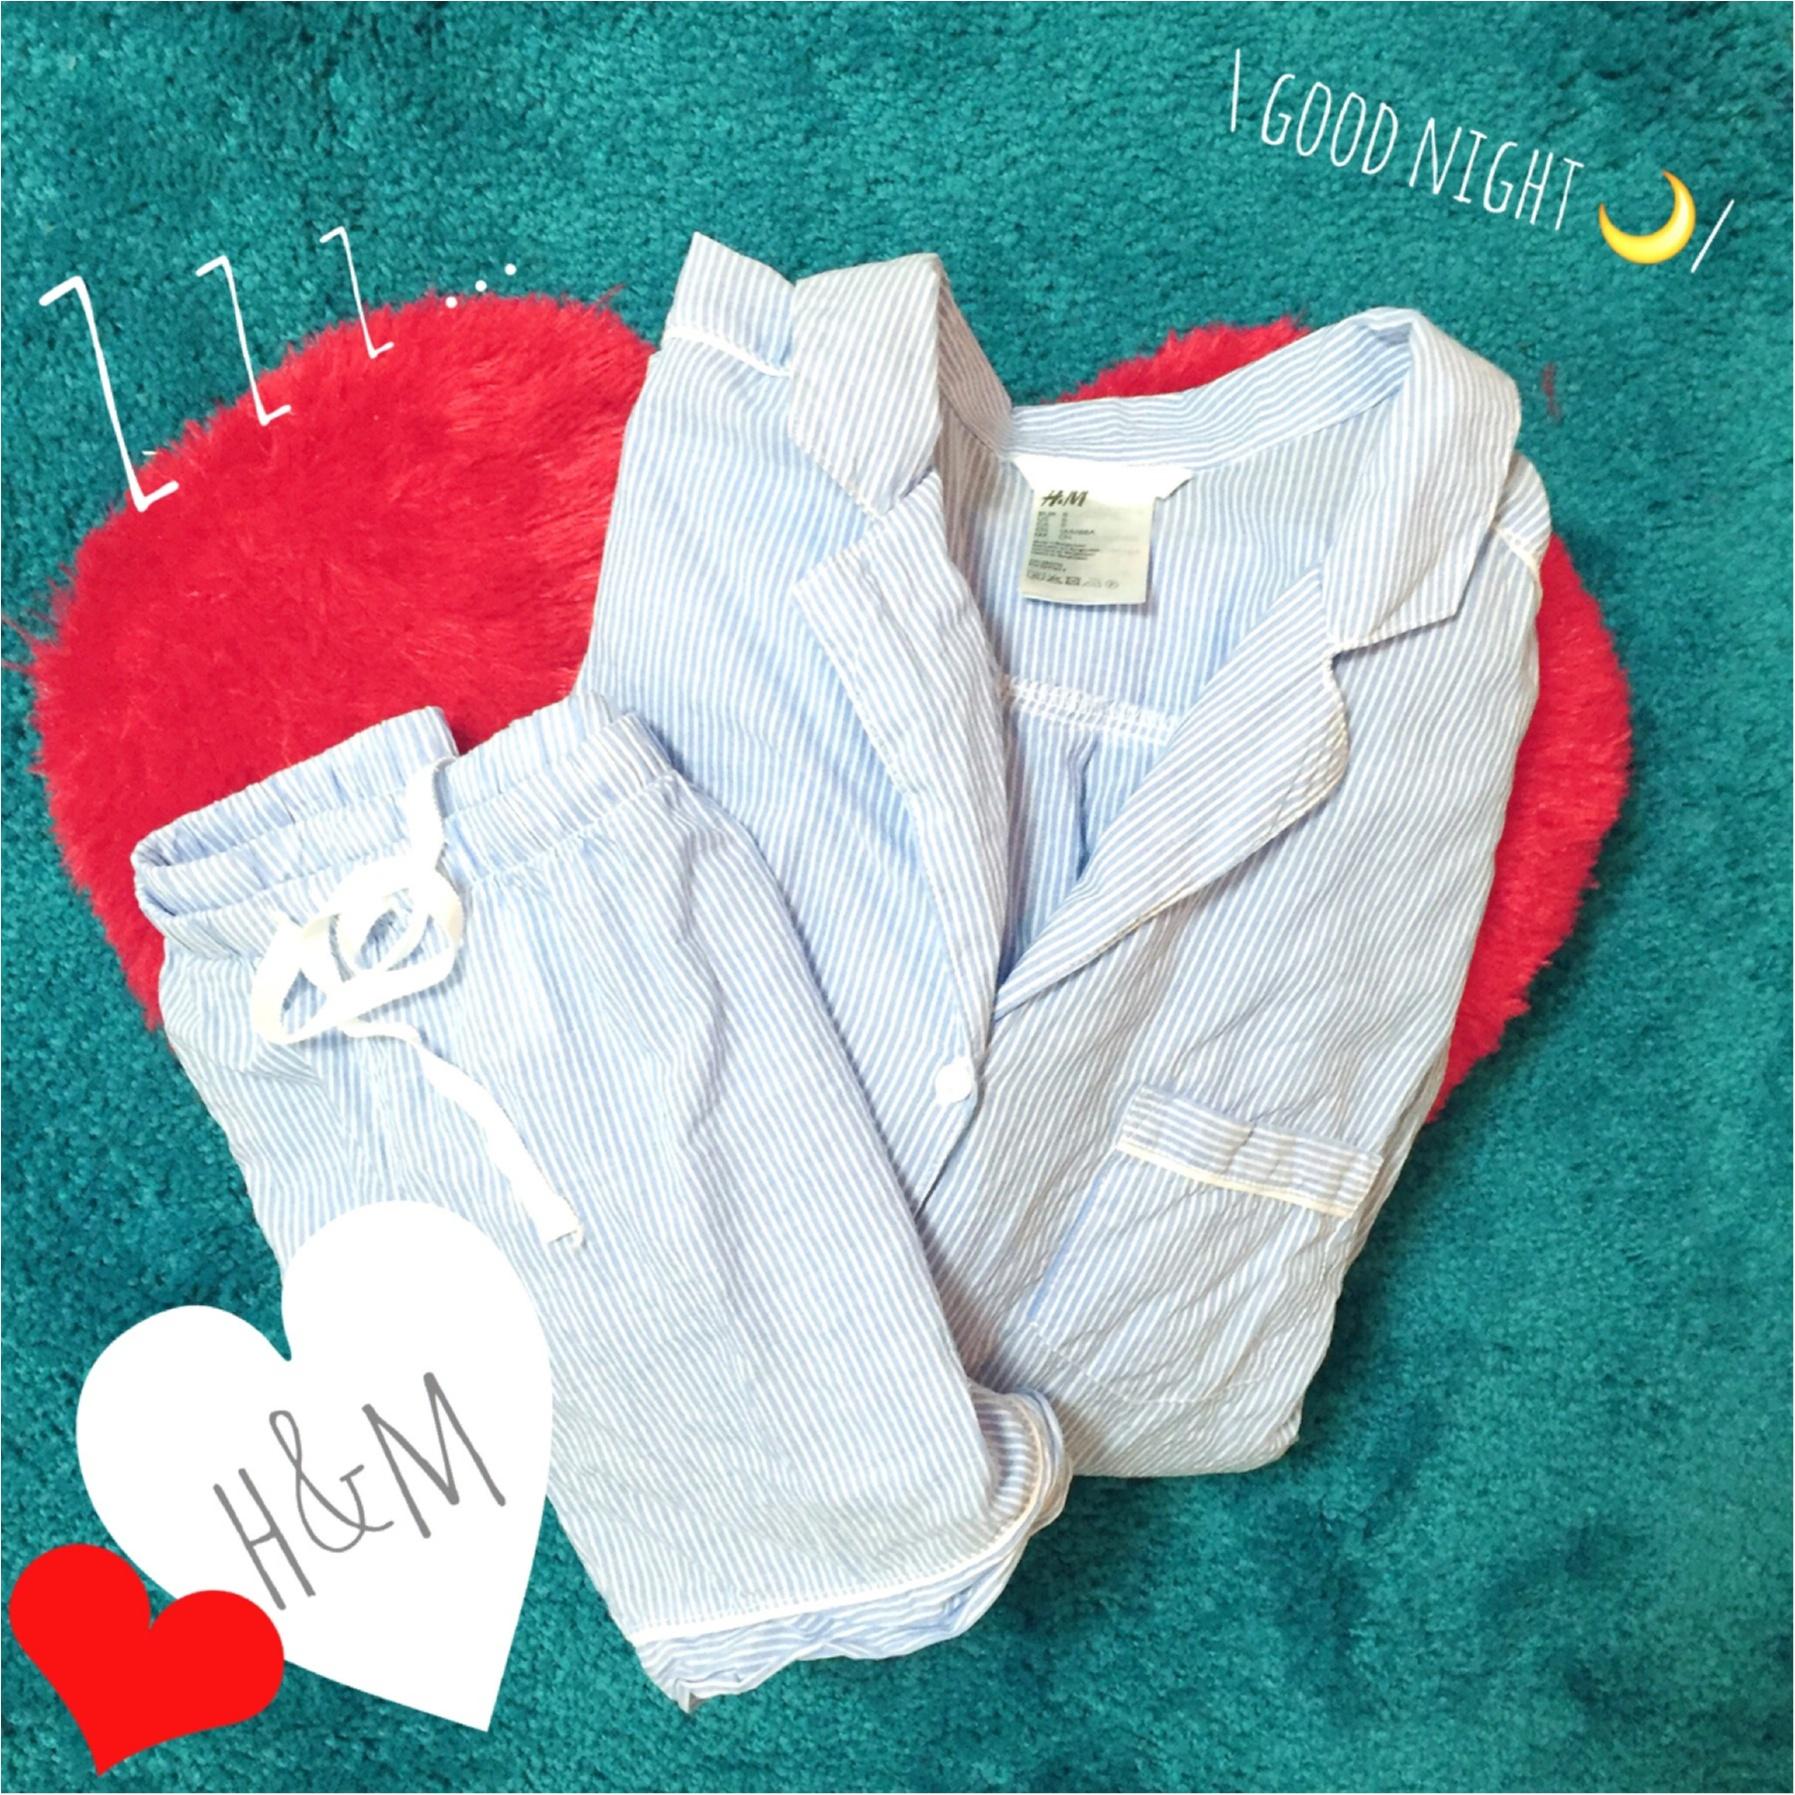 【Fashion】ホントの女子力はお部屋にあり!H&Mでみつけたコスパ◎パジャマが可愛すぎる♡_5